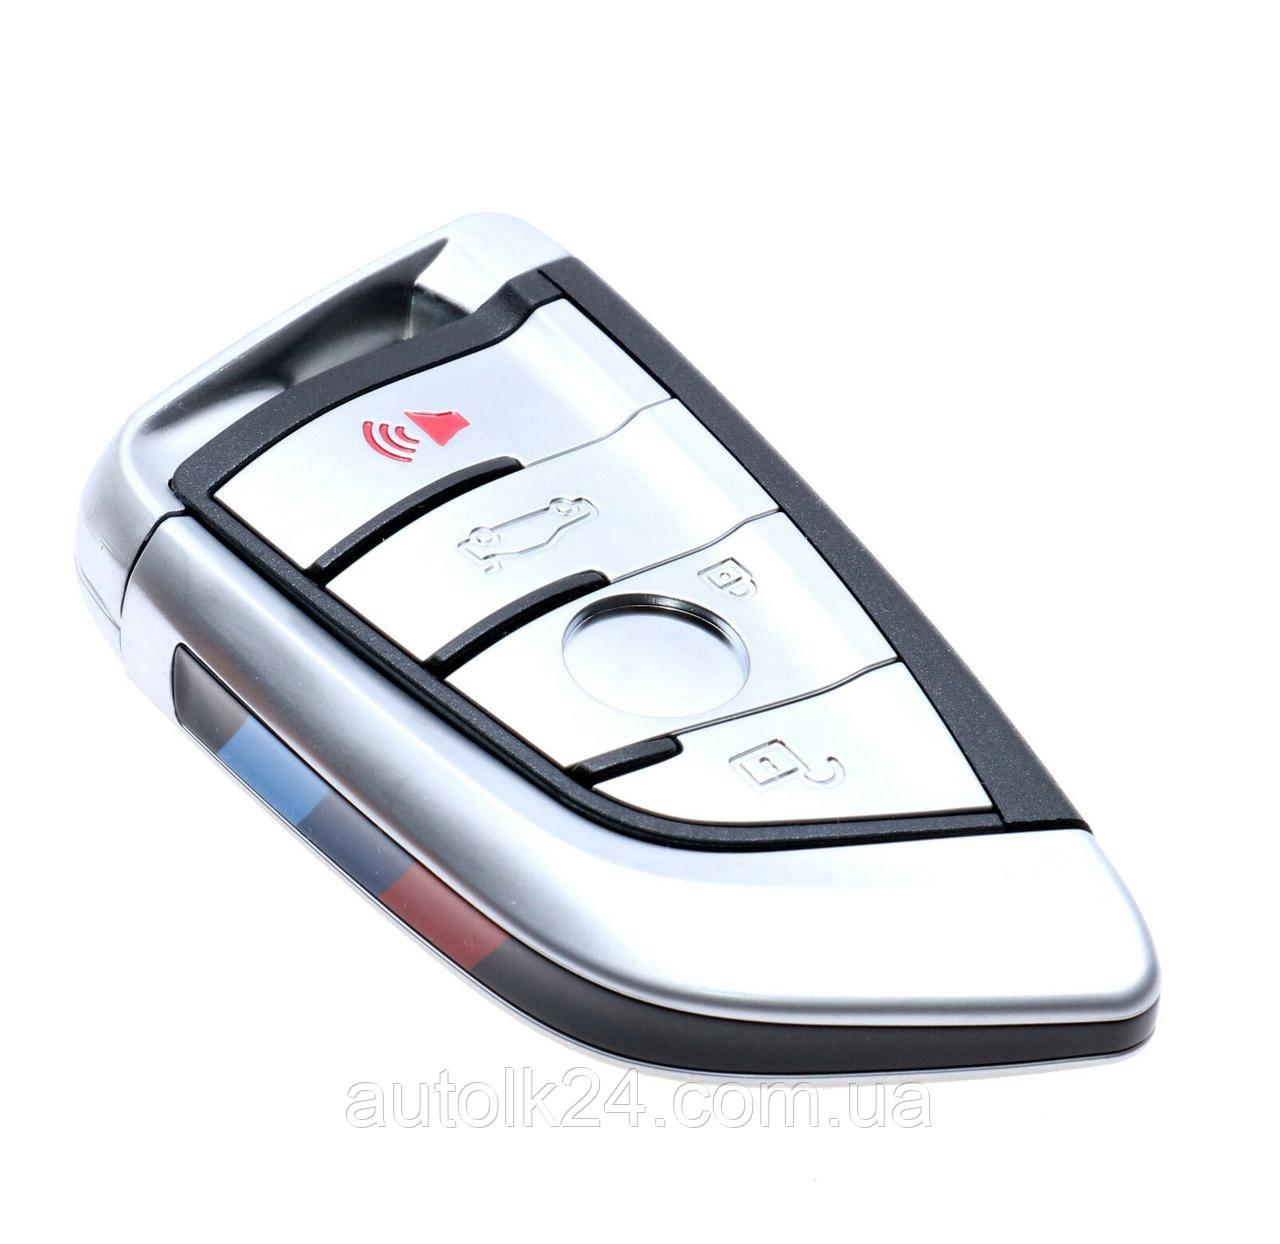 Корпус смарт ключа для BMW (БМВ) X5 F15 X6 F16